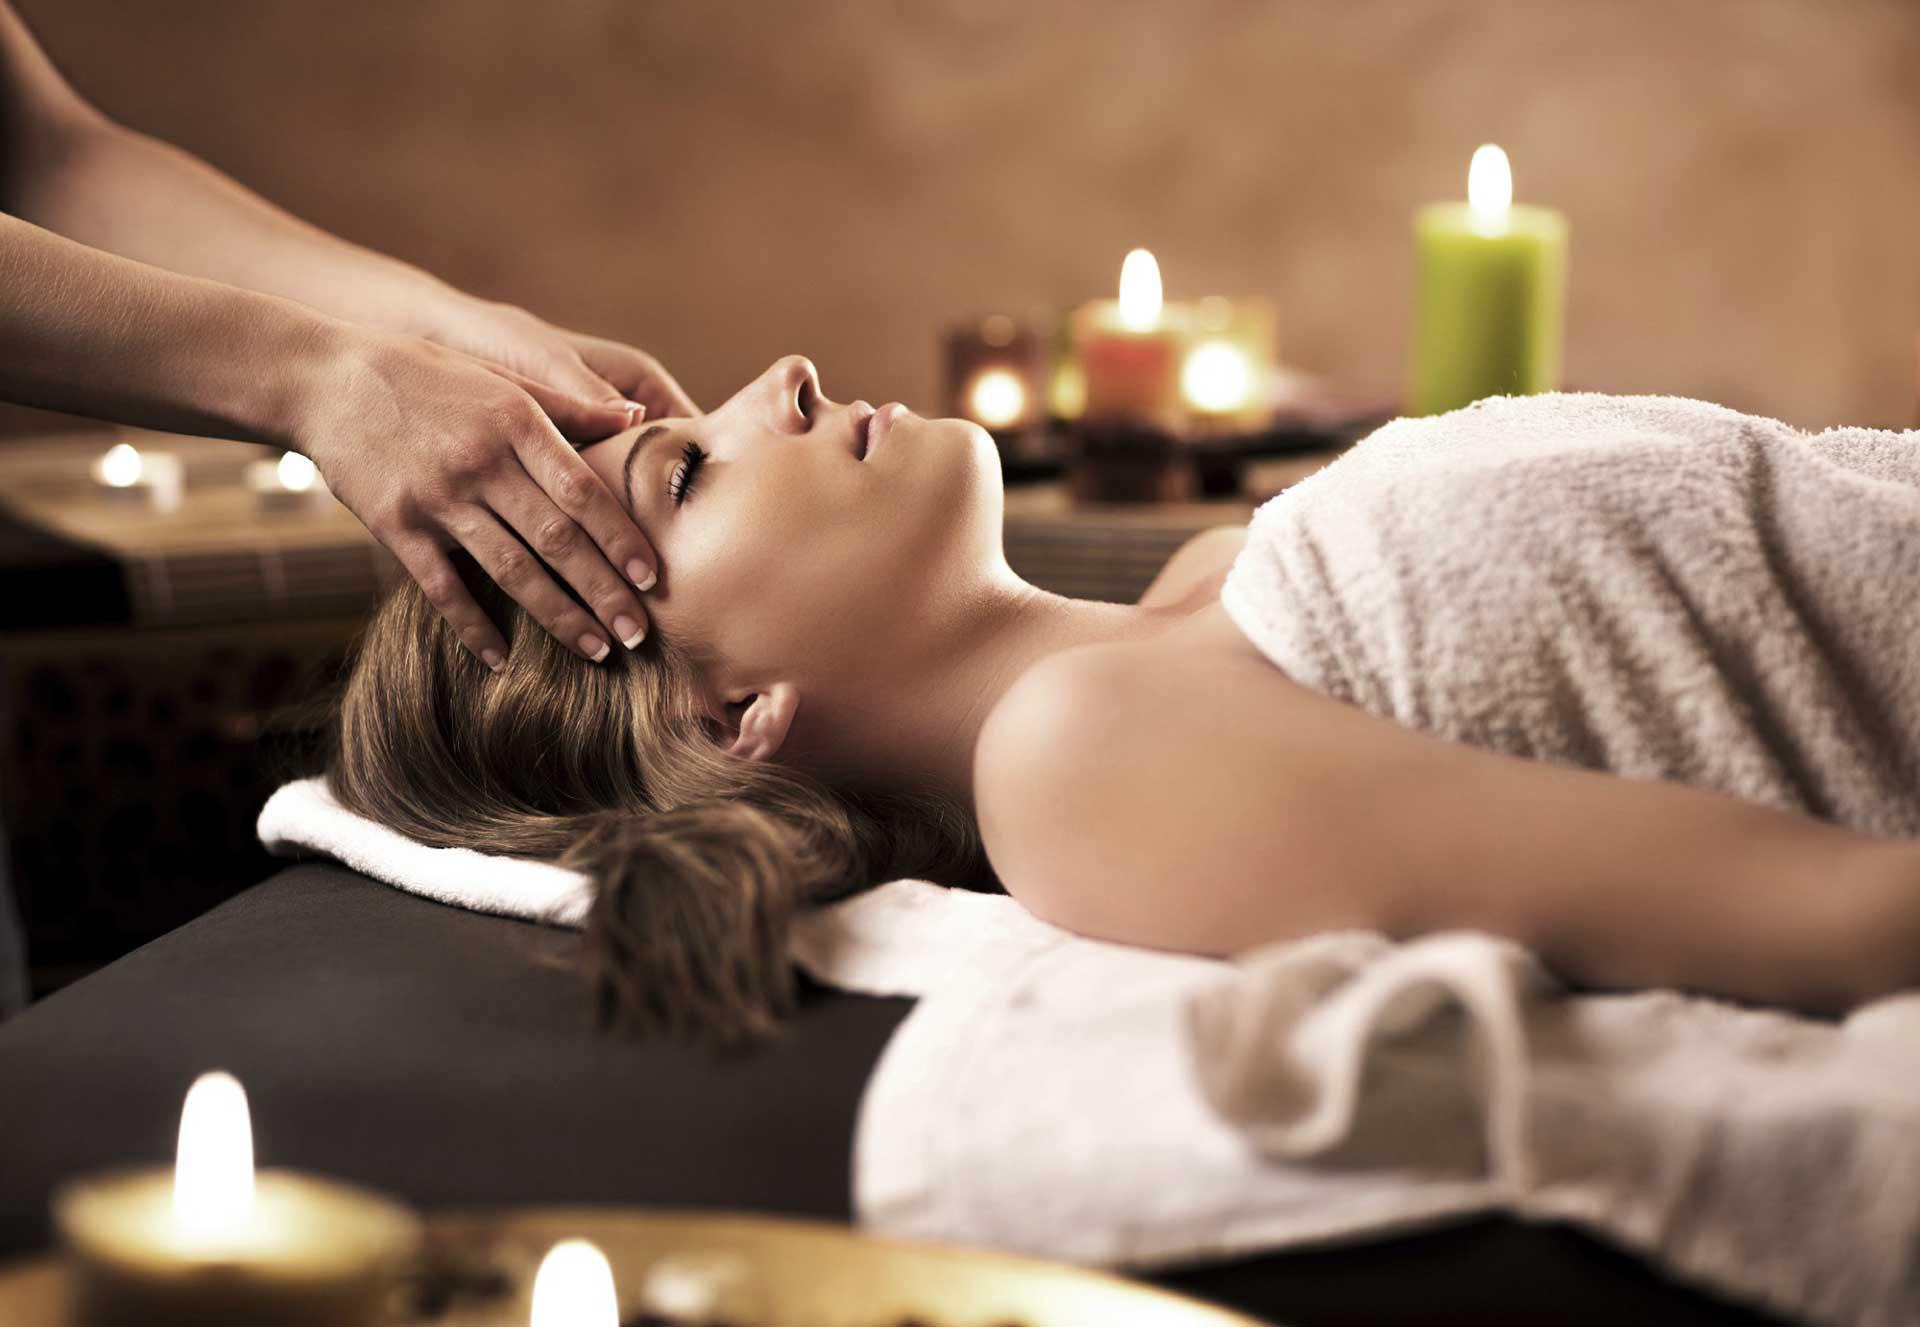 massage thérapeutique bien-être bruxelles relaxant énergisant massages huile chaude hammam detox ayurveda réflexologie art thérapie cours